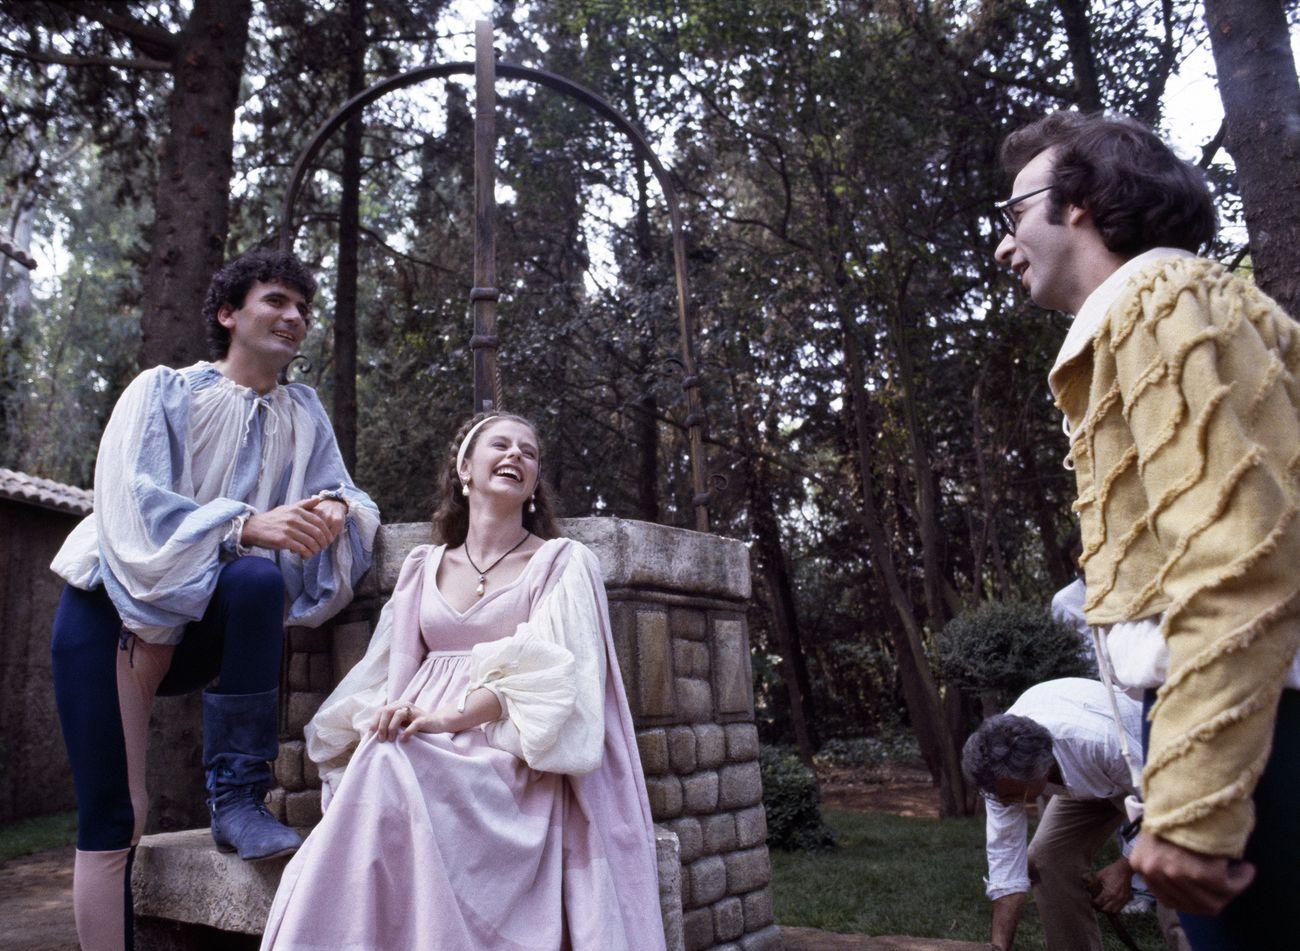 Sul set di Non ci resta che piangere (1984) di Roberto Benigni e Massimo Troisi. Archivio Appetito